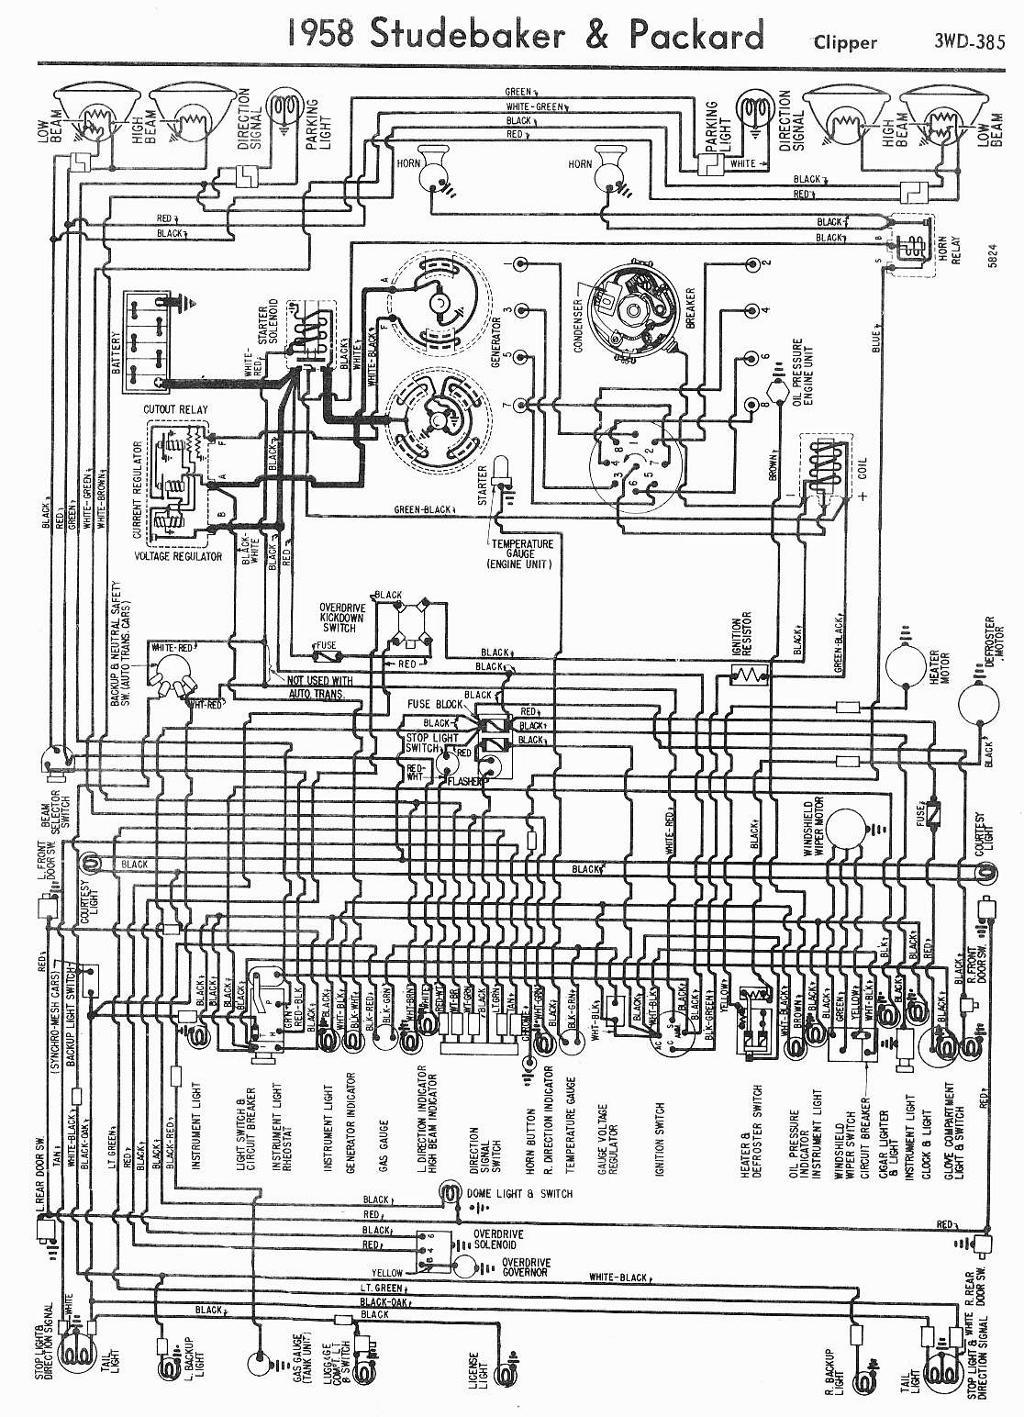 1951 simca wiring diagram electrical drawing wiring 1957 ford truck wiring diagram 1953 ford truck blinker switch wiring diagram [ 1024 x 1417 Pixel ]